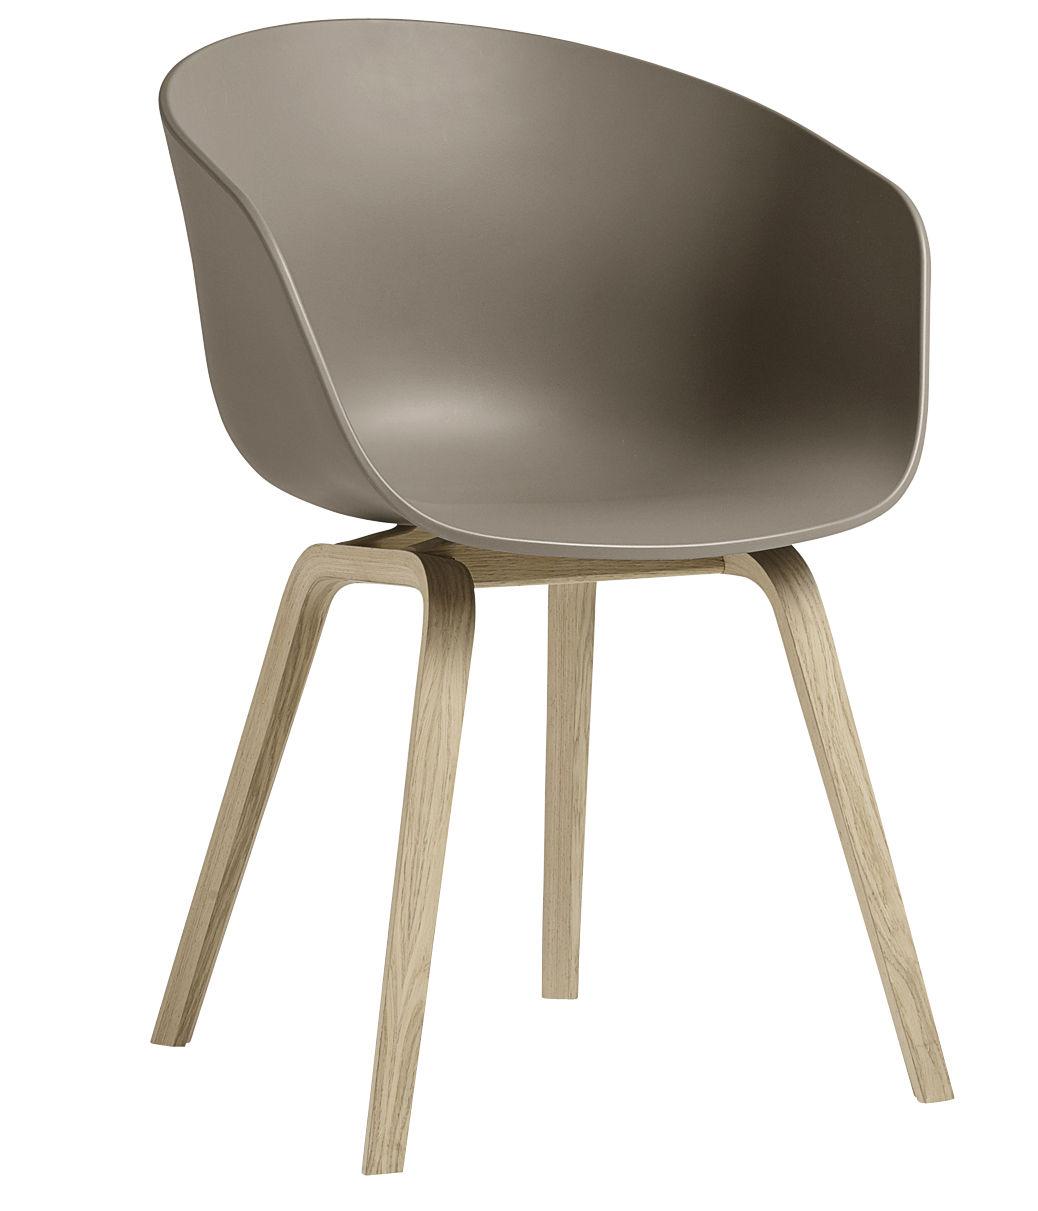 Mobilier - Chaises, fauteuils de salle à manger - Fauteuil About a chair AAC22 / Plastique & chêne verni mat - Hay - Taupe  / Chêne verni mat - Chêne verni mat, Polypropylène